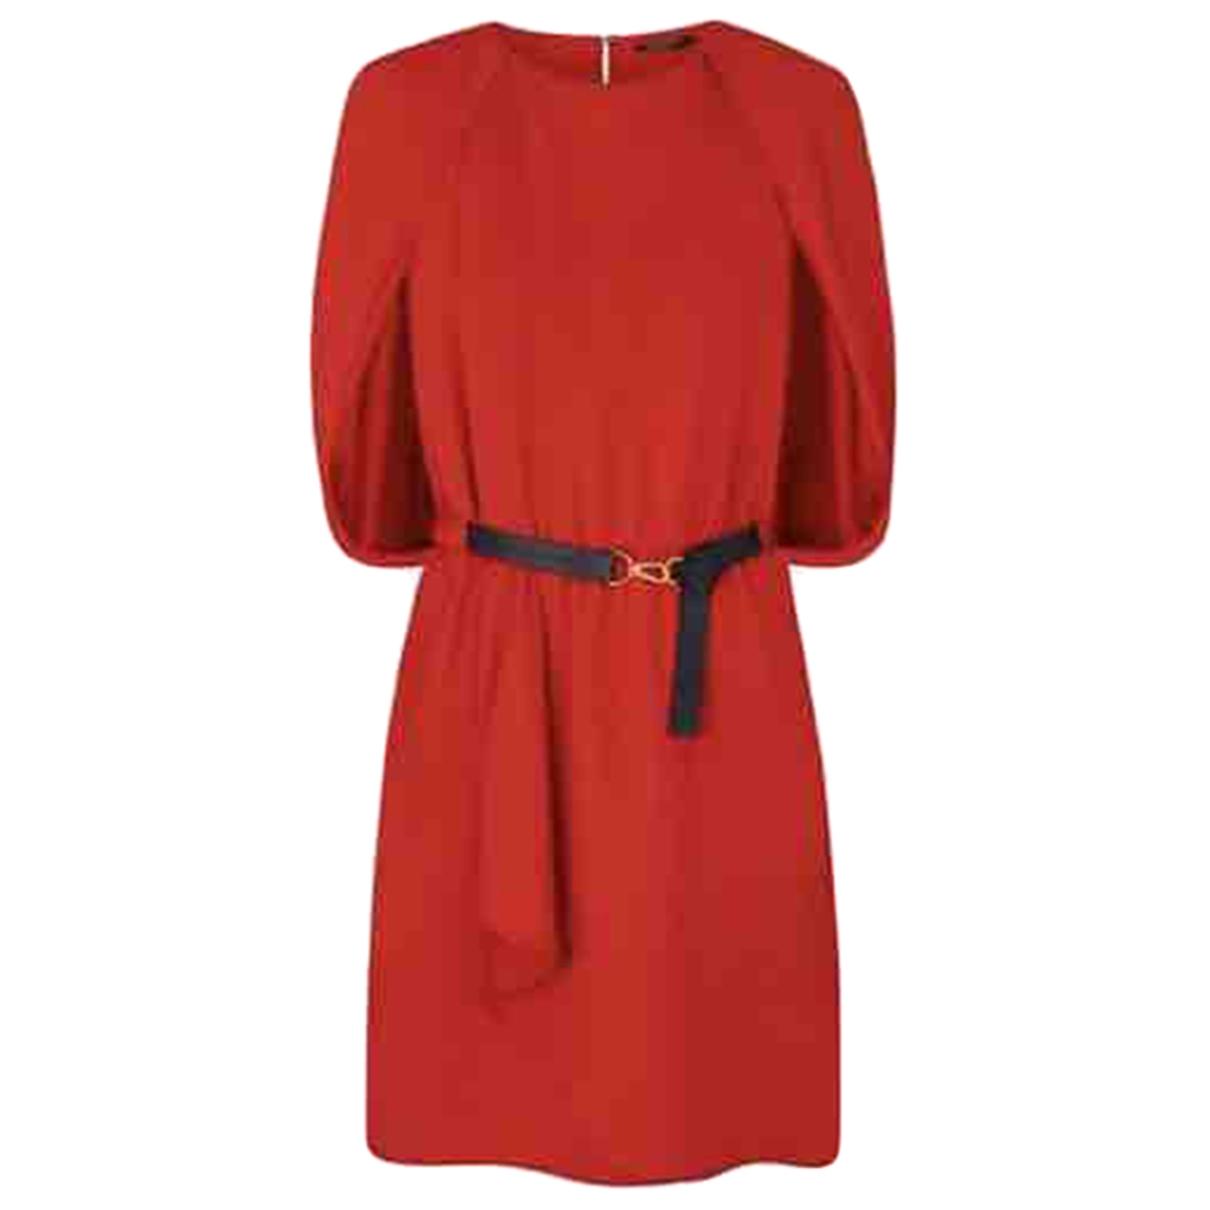 Louis Vuitton - Robe   pour femme - rouge